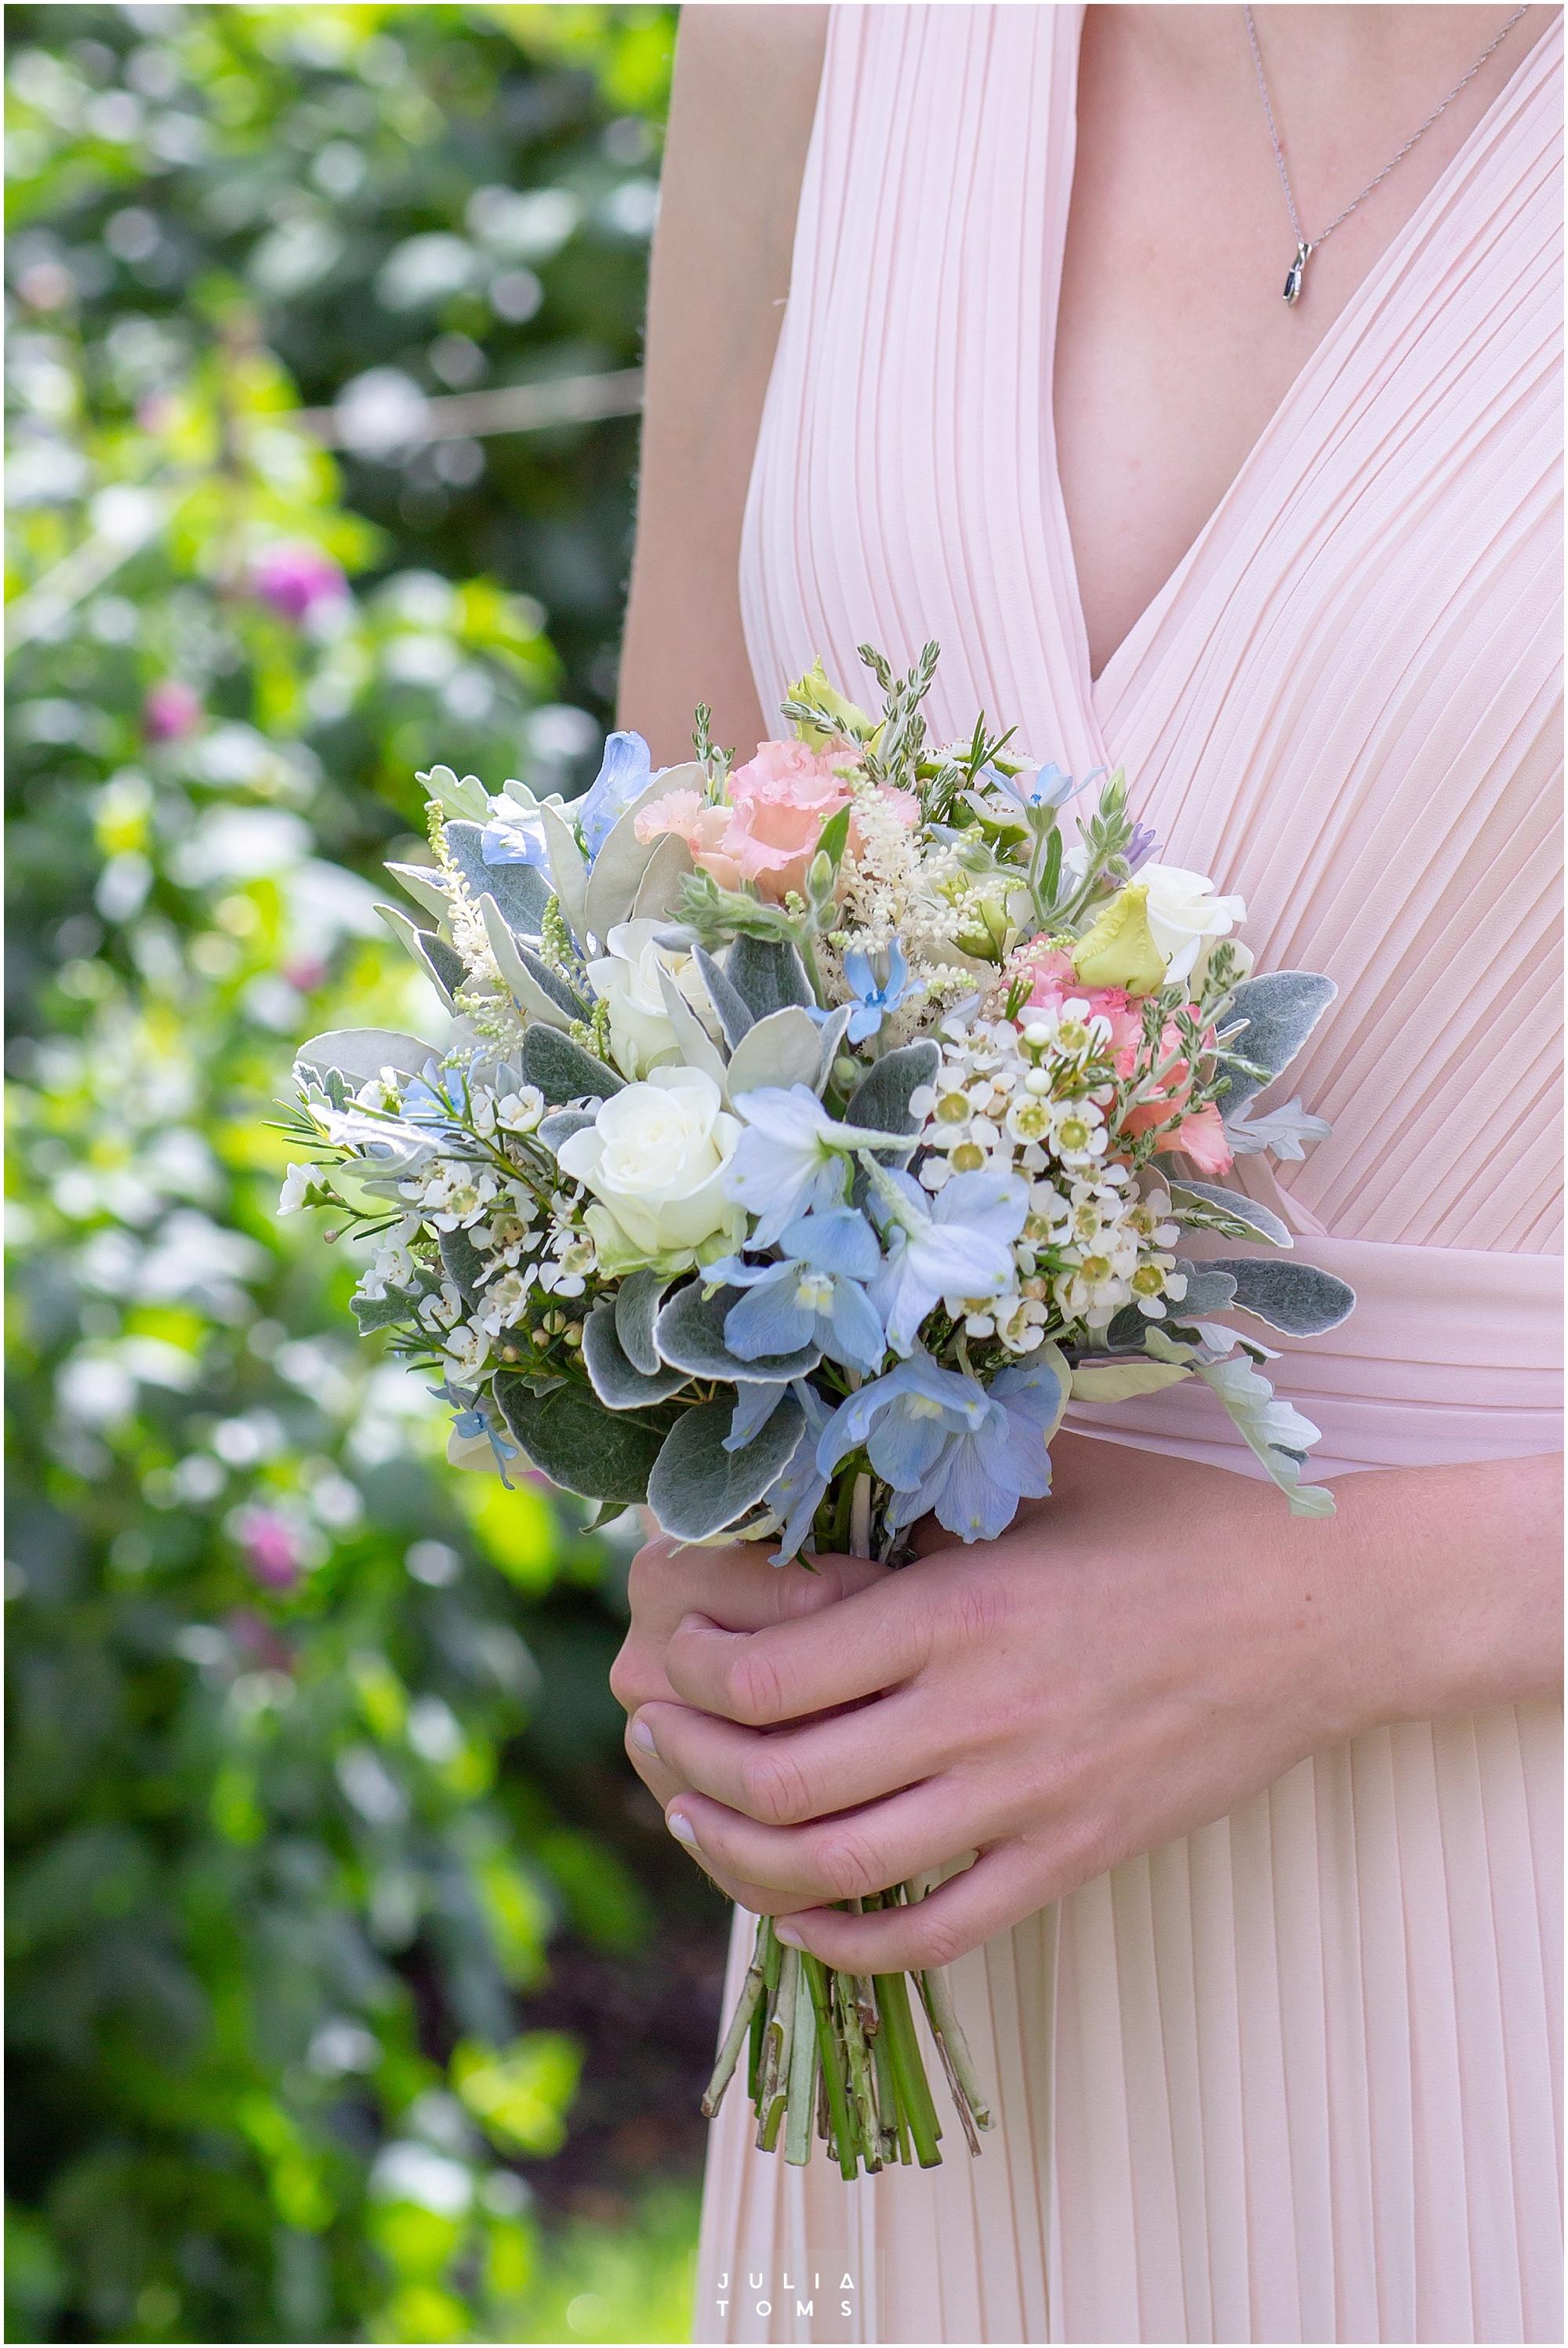 westsussex_wedding_photographer_westdean_013.jpg